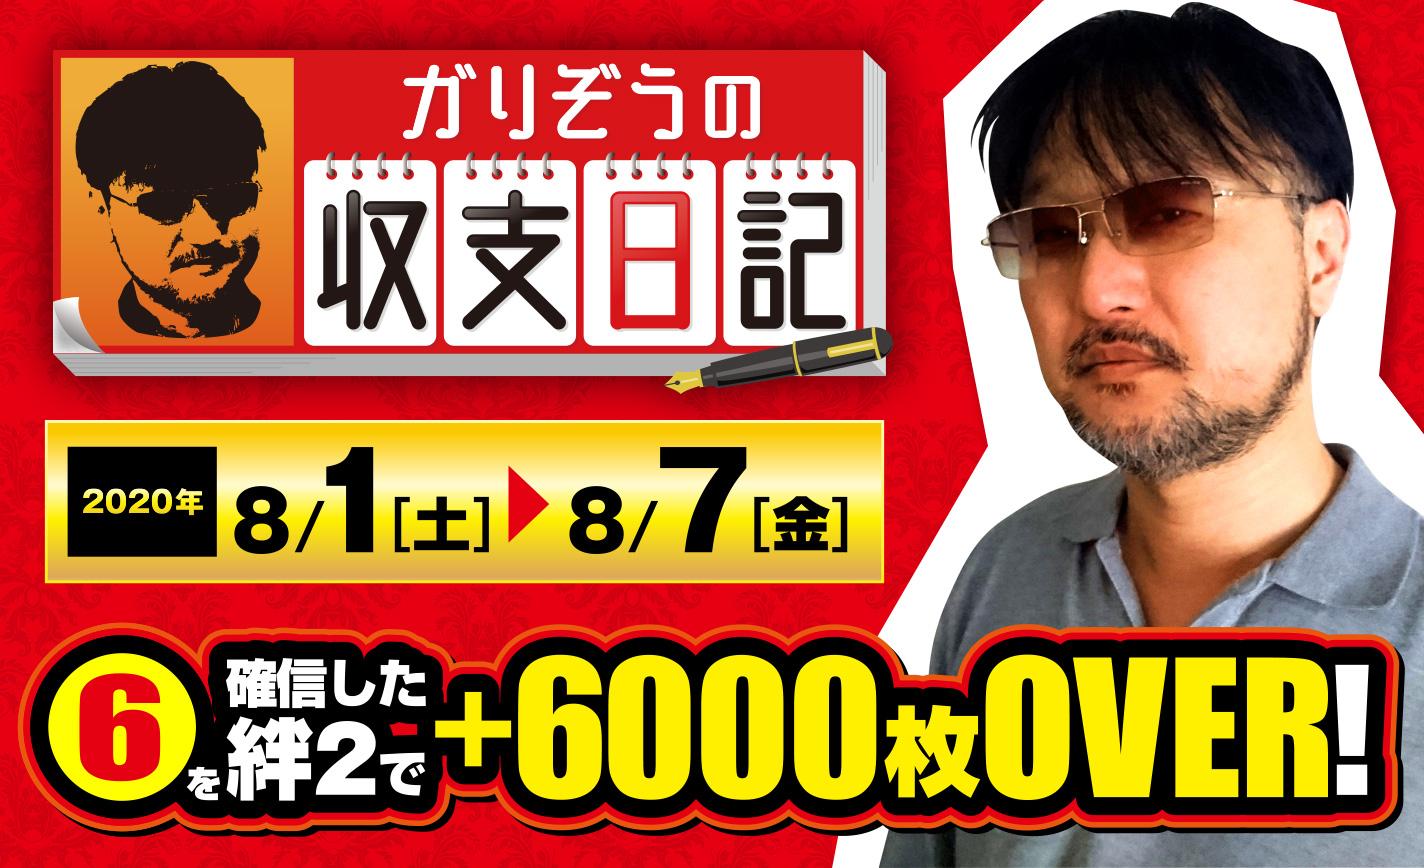 ガリぞう稼働再開!6を確信したバジ絆2で+6000枚オーバー!【収支日記#14:2020年8月1日(土)~8月7日(金) 】 eyecatch-image